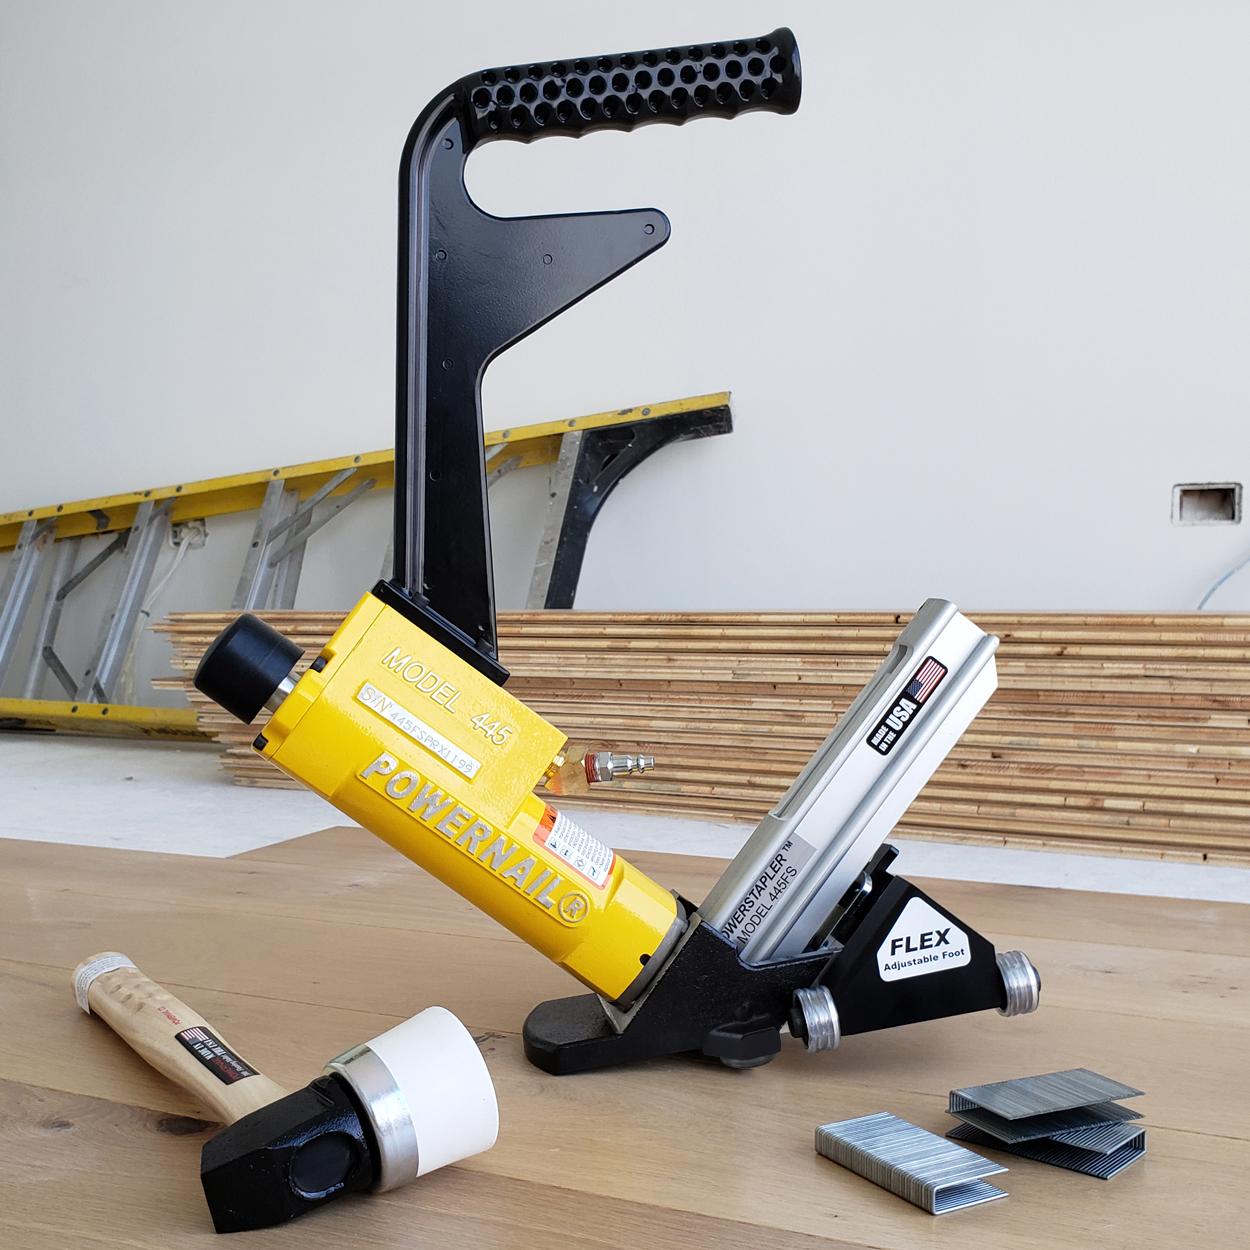 Powernail Model 445FS Power Roller 15.5 Gauge Hardwood Flooring Stapler